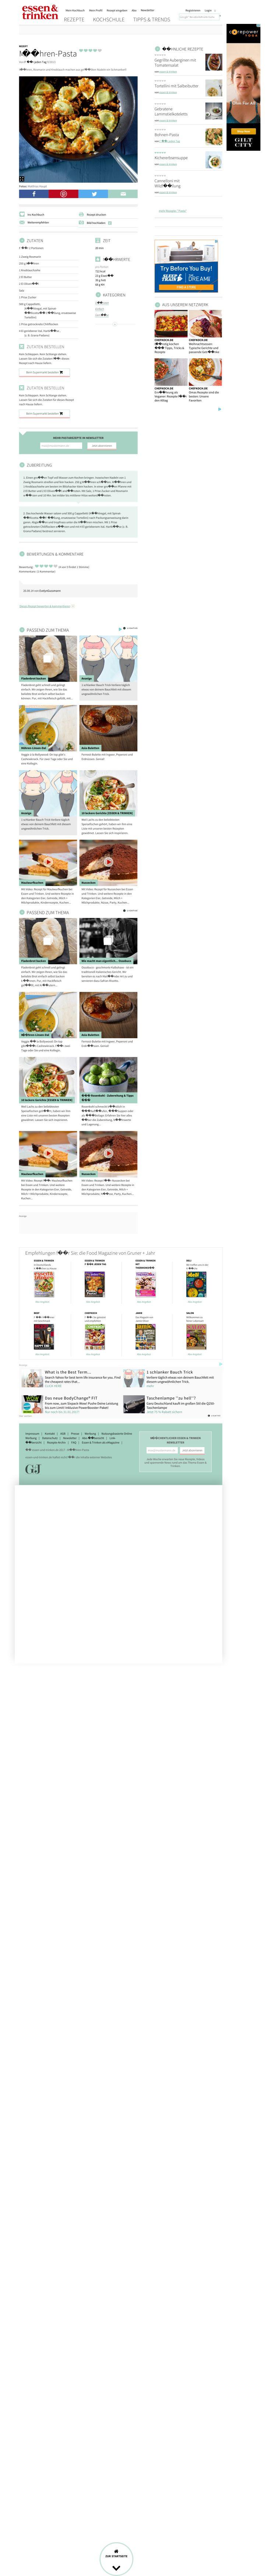 Website'http%3A%2F%2Fwww.essen-und-trinken.de%2Frezept%2F319773%2Fmoehren-pasta.html%23' snapped on Page2images!